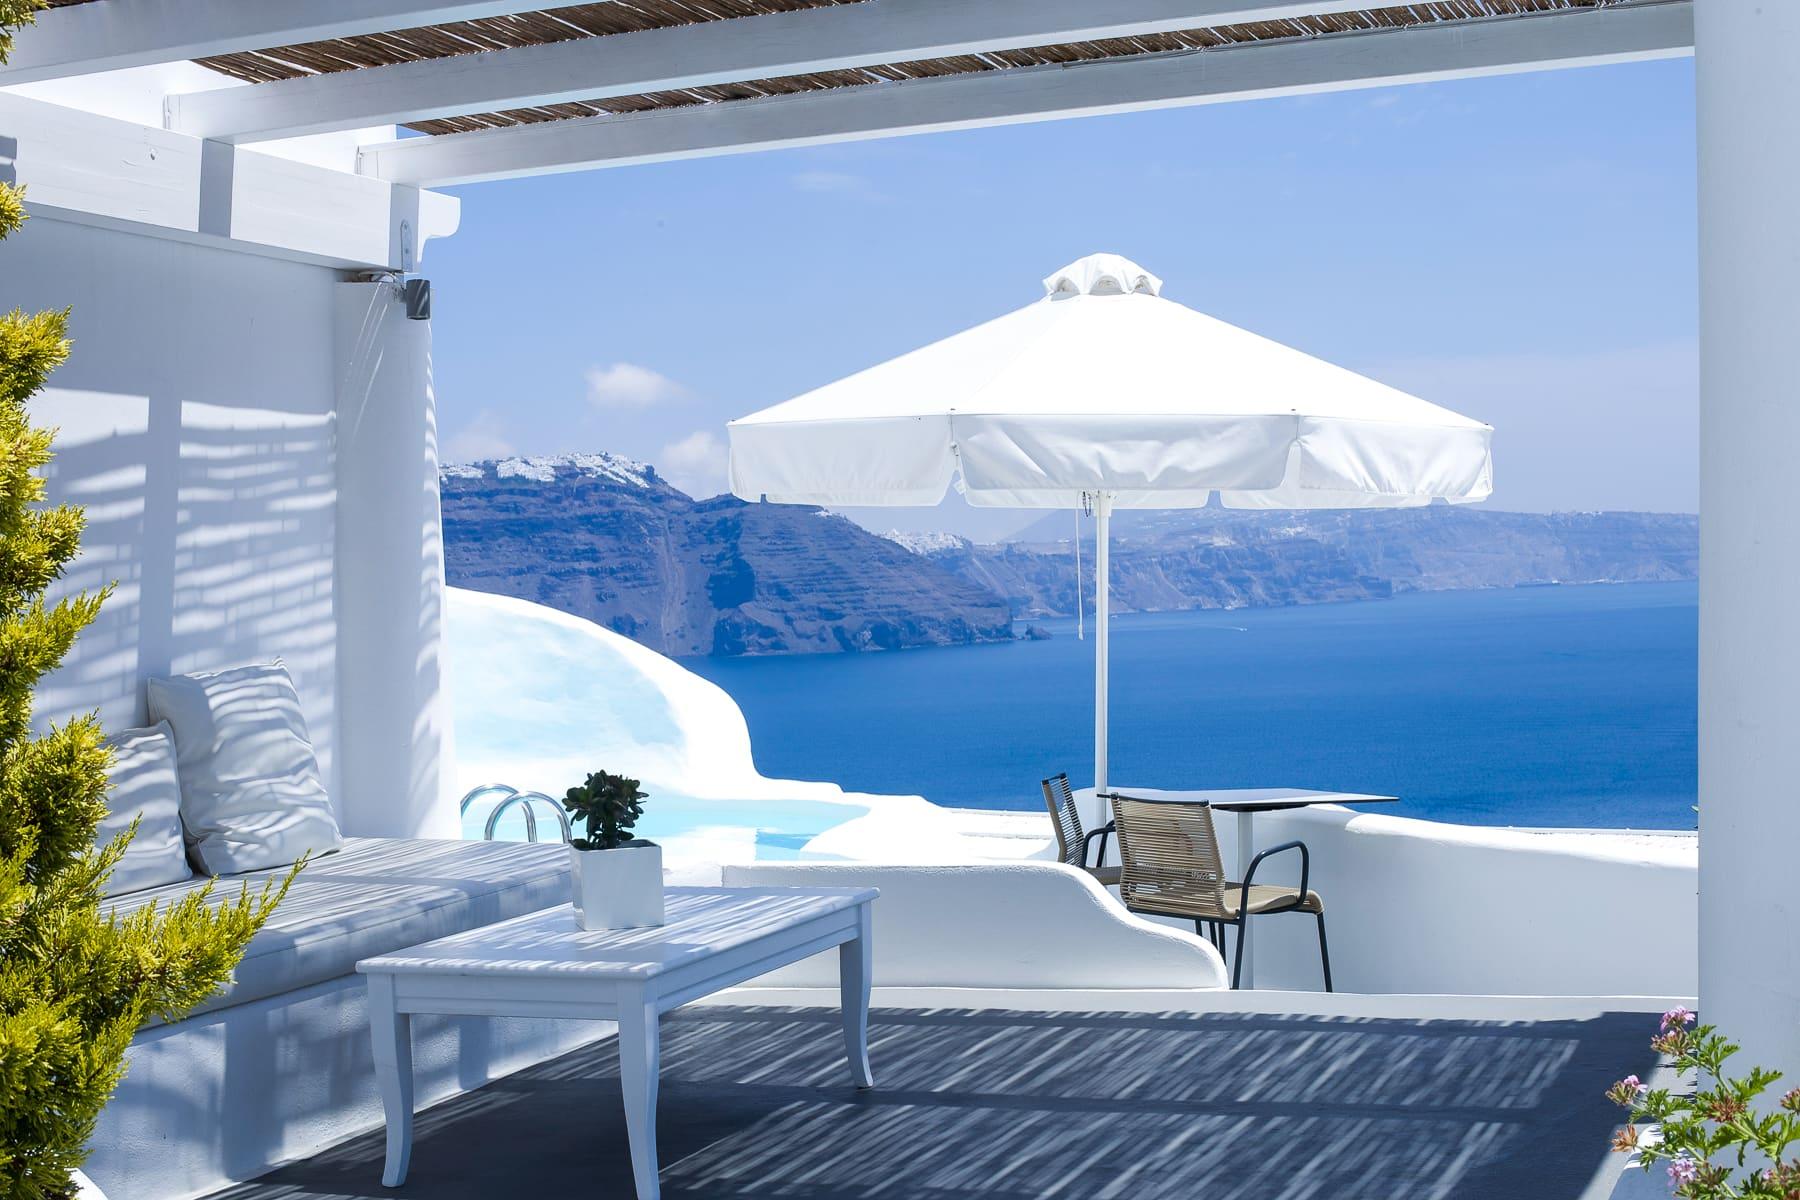 Santorini, Greece - designthusiasm.com